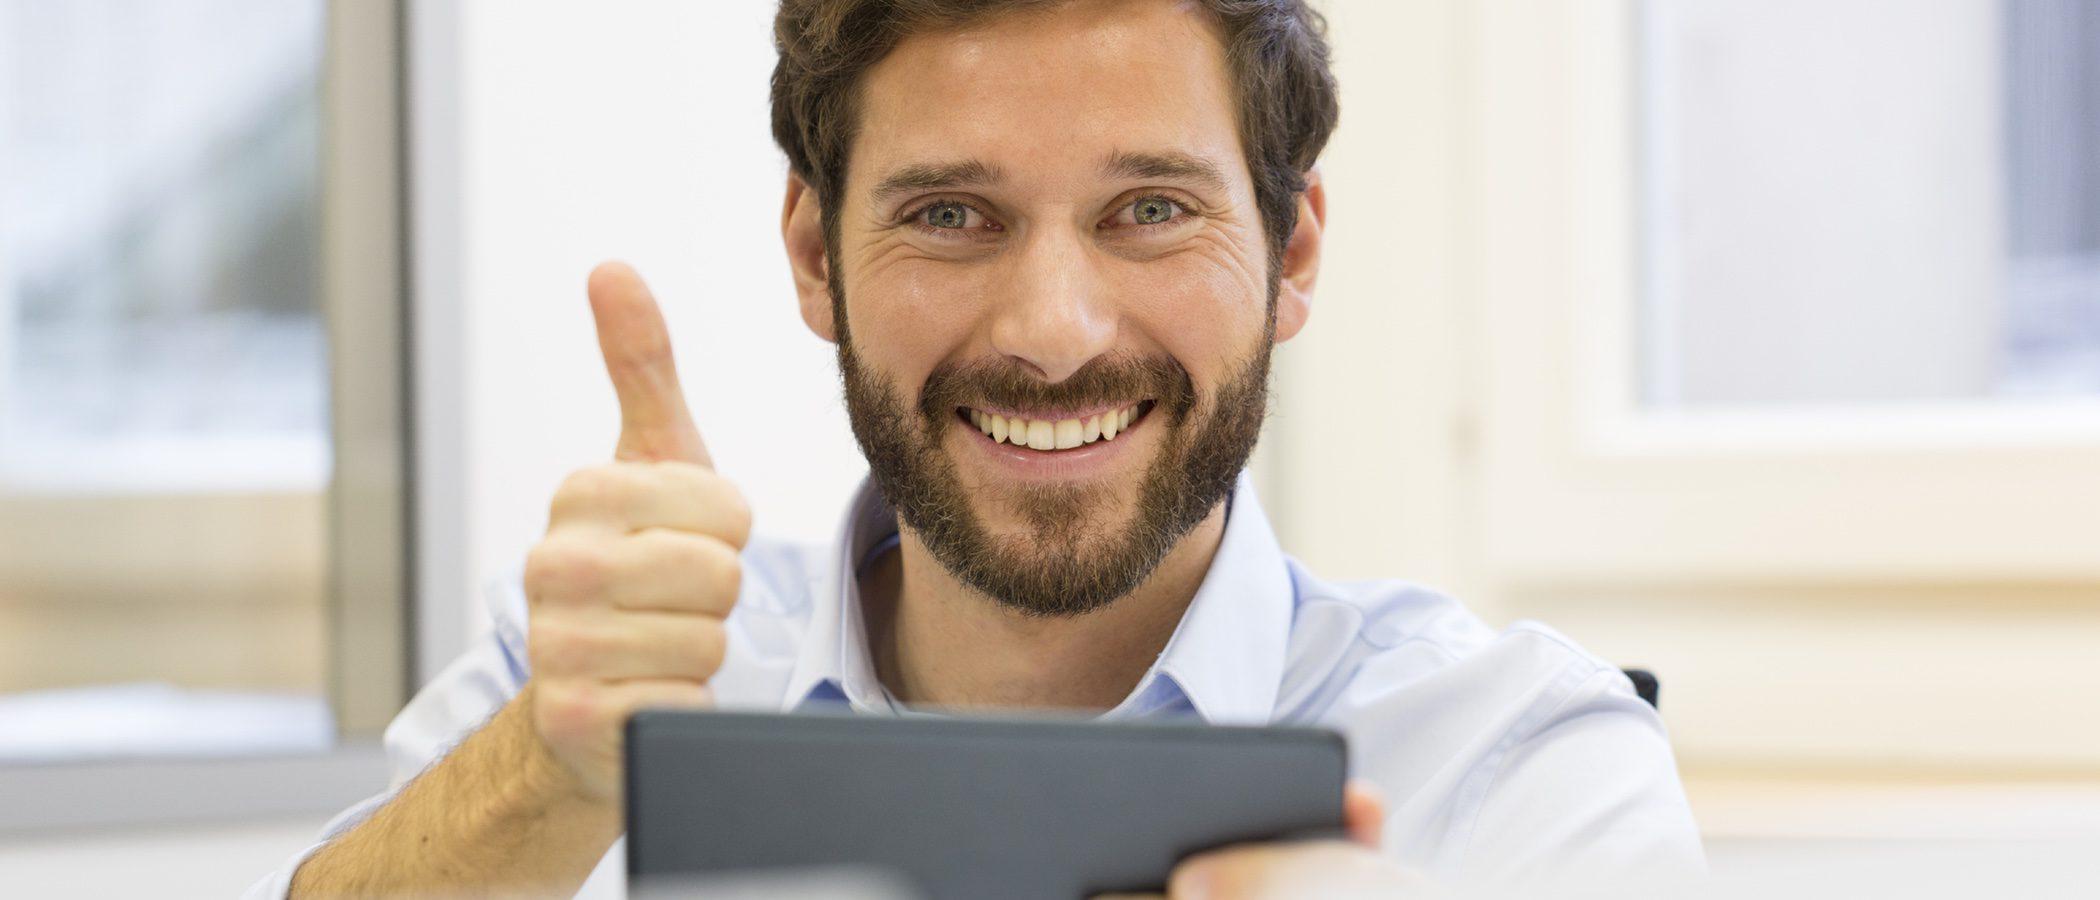 Cómo buscar tu primer trabajo